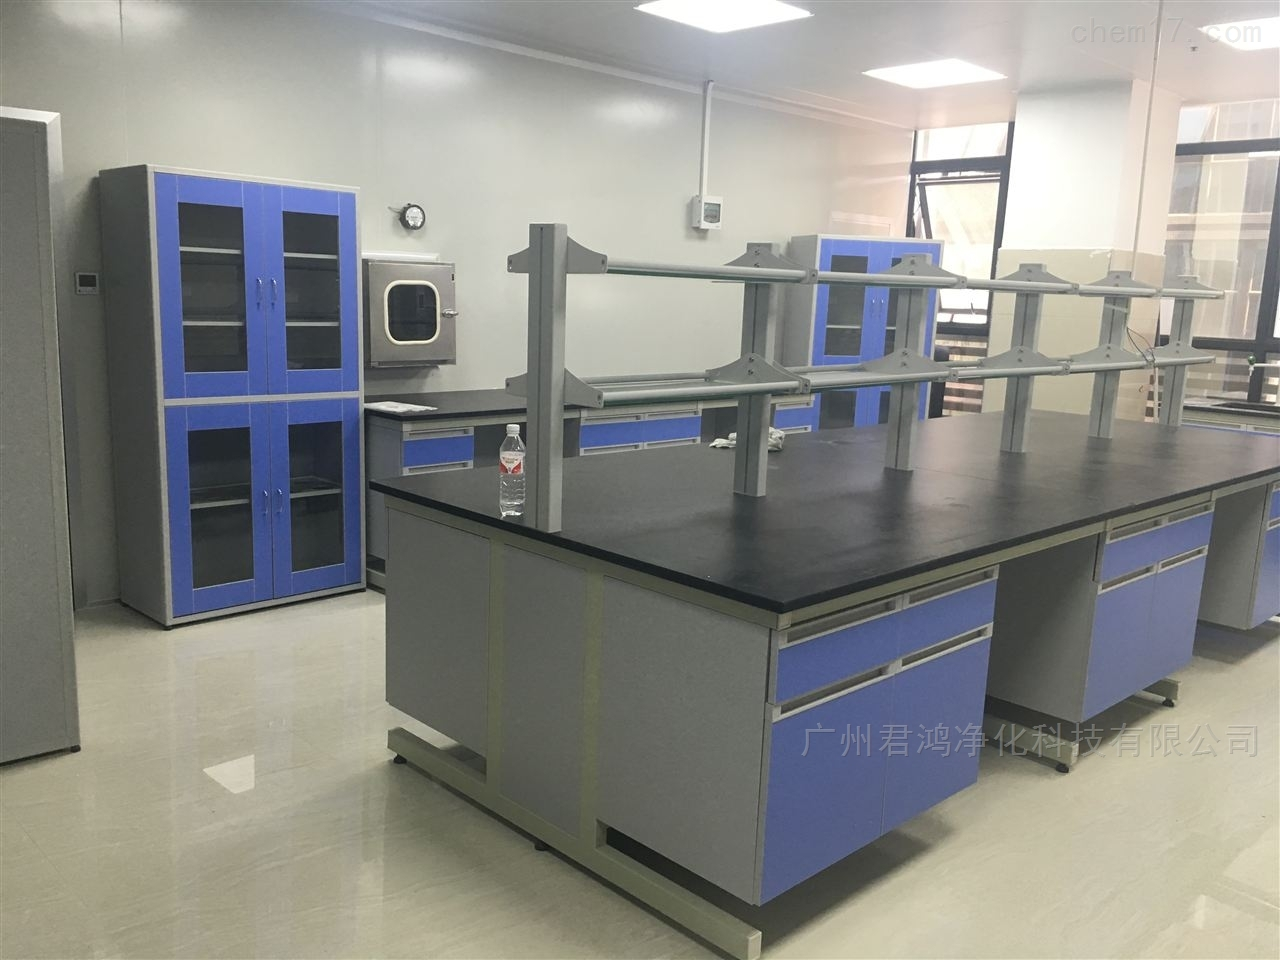 上饶市钢木中央实验台专业制造